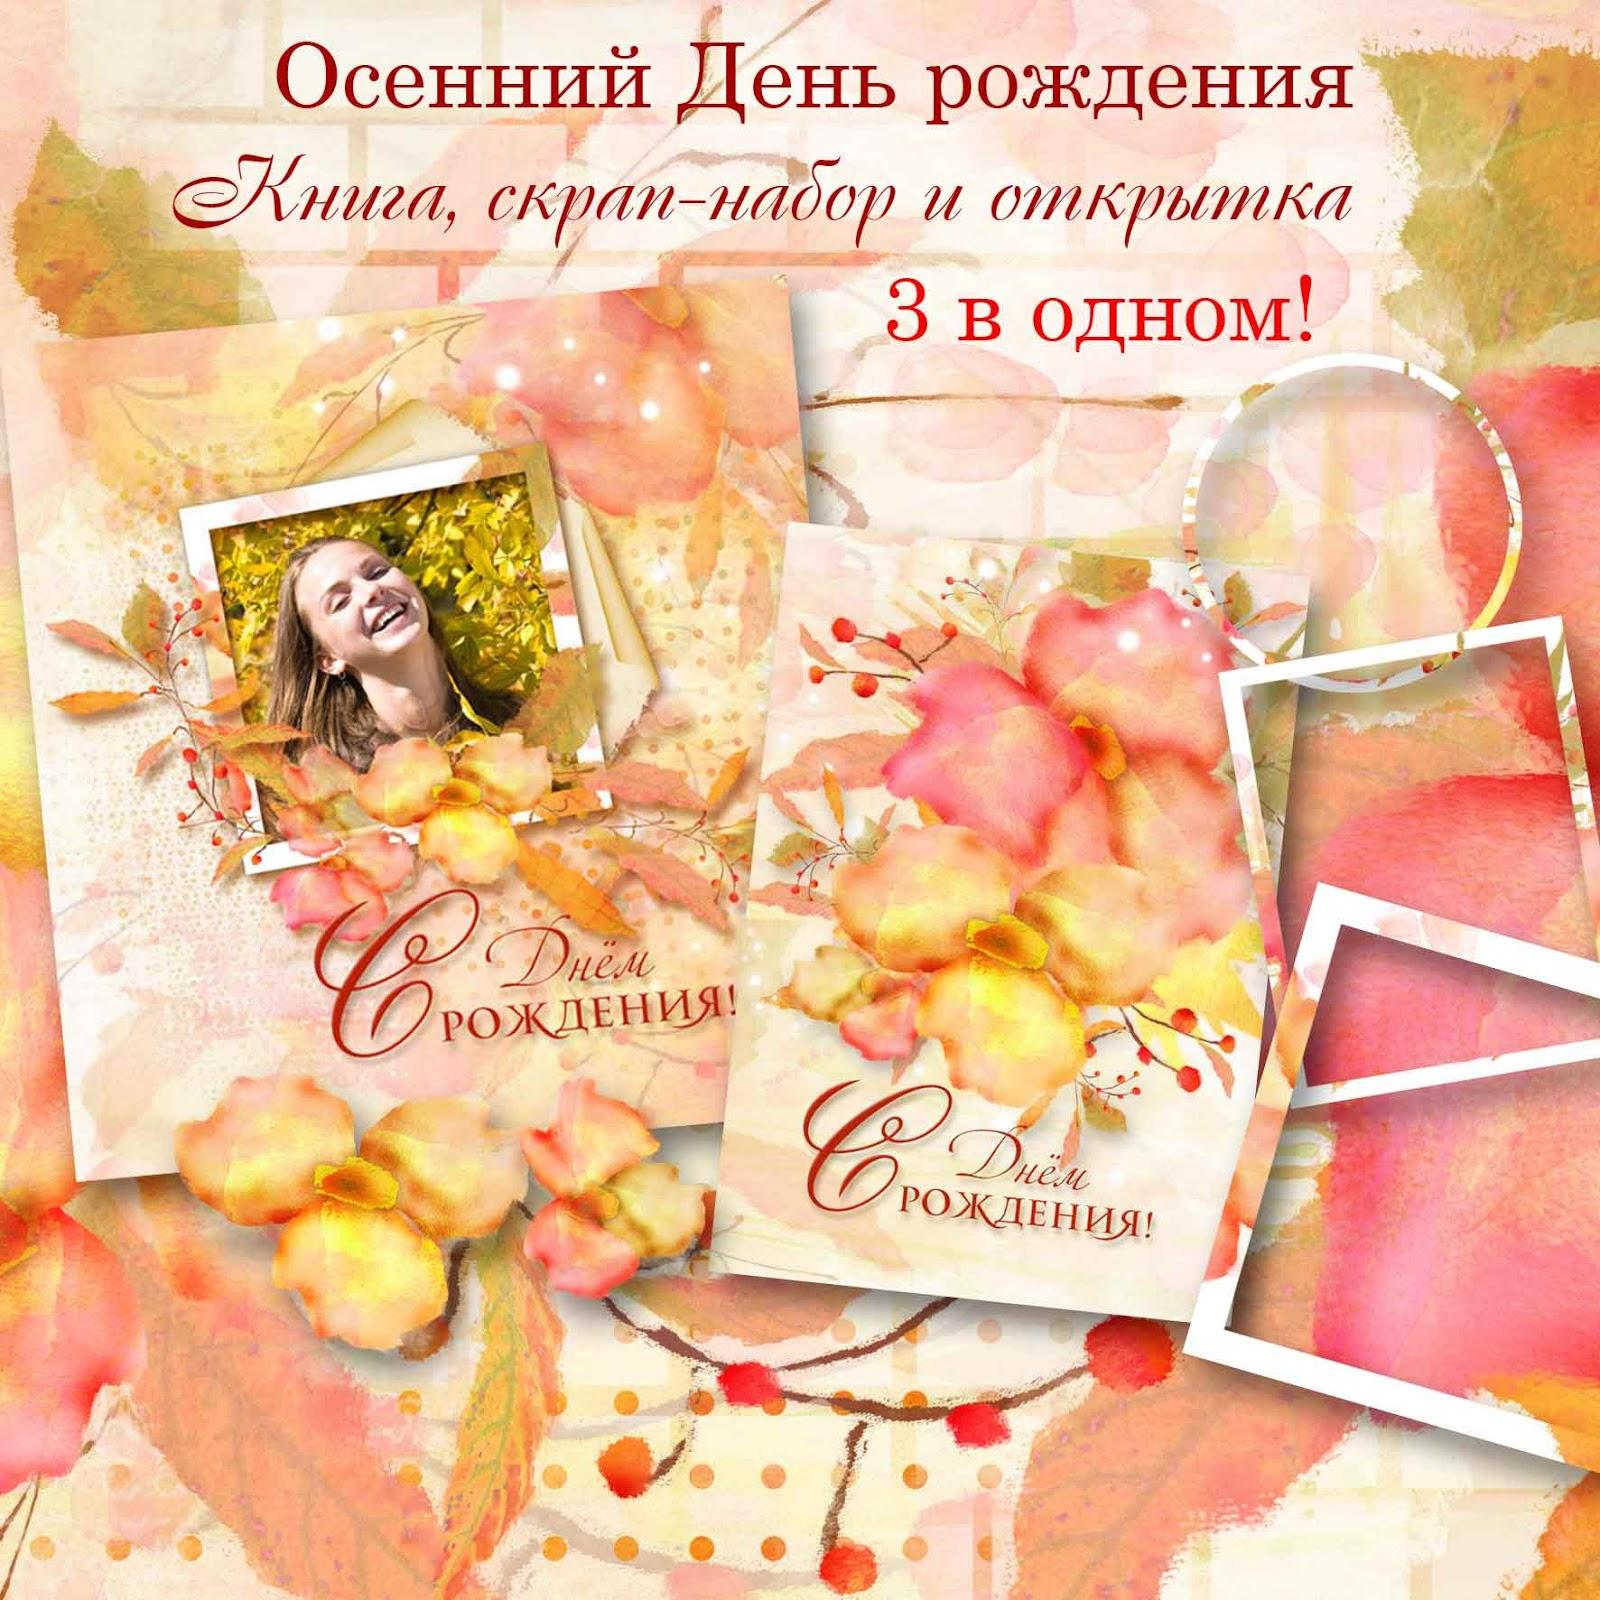 Осенние день рождения поздравления